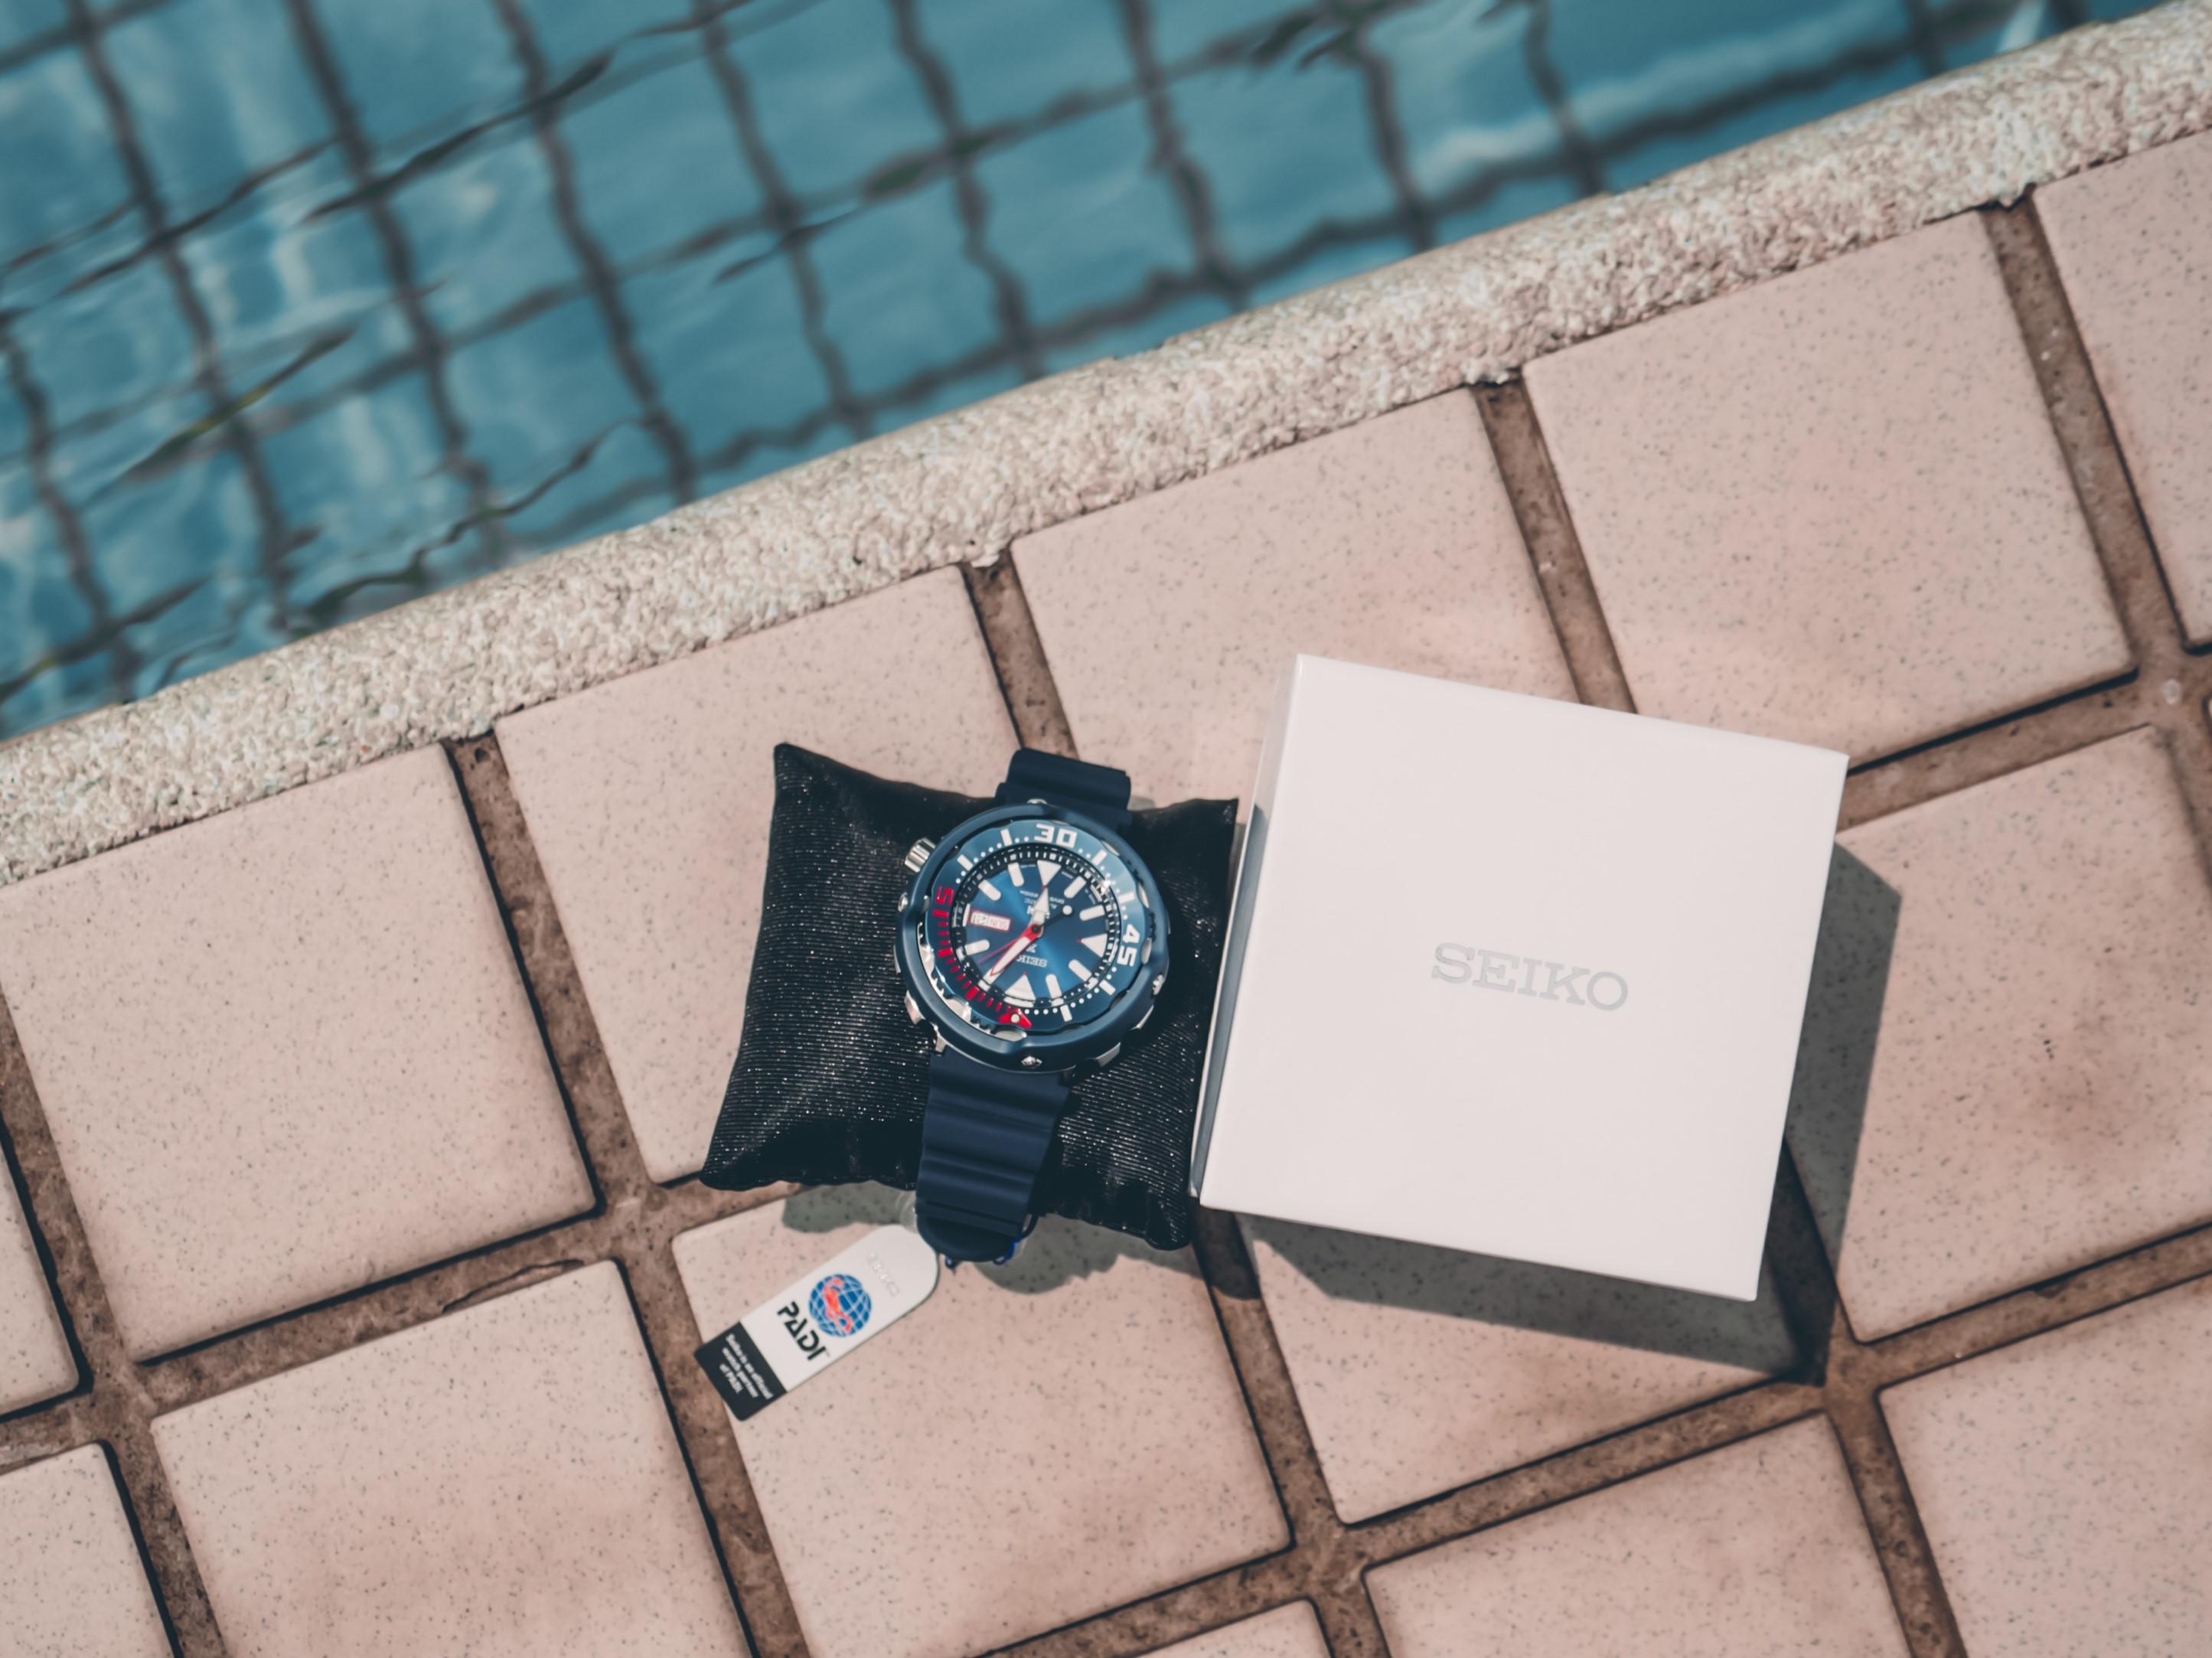 SEIKO 鮪魚罐頭潛水錶